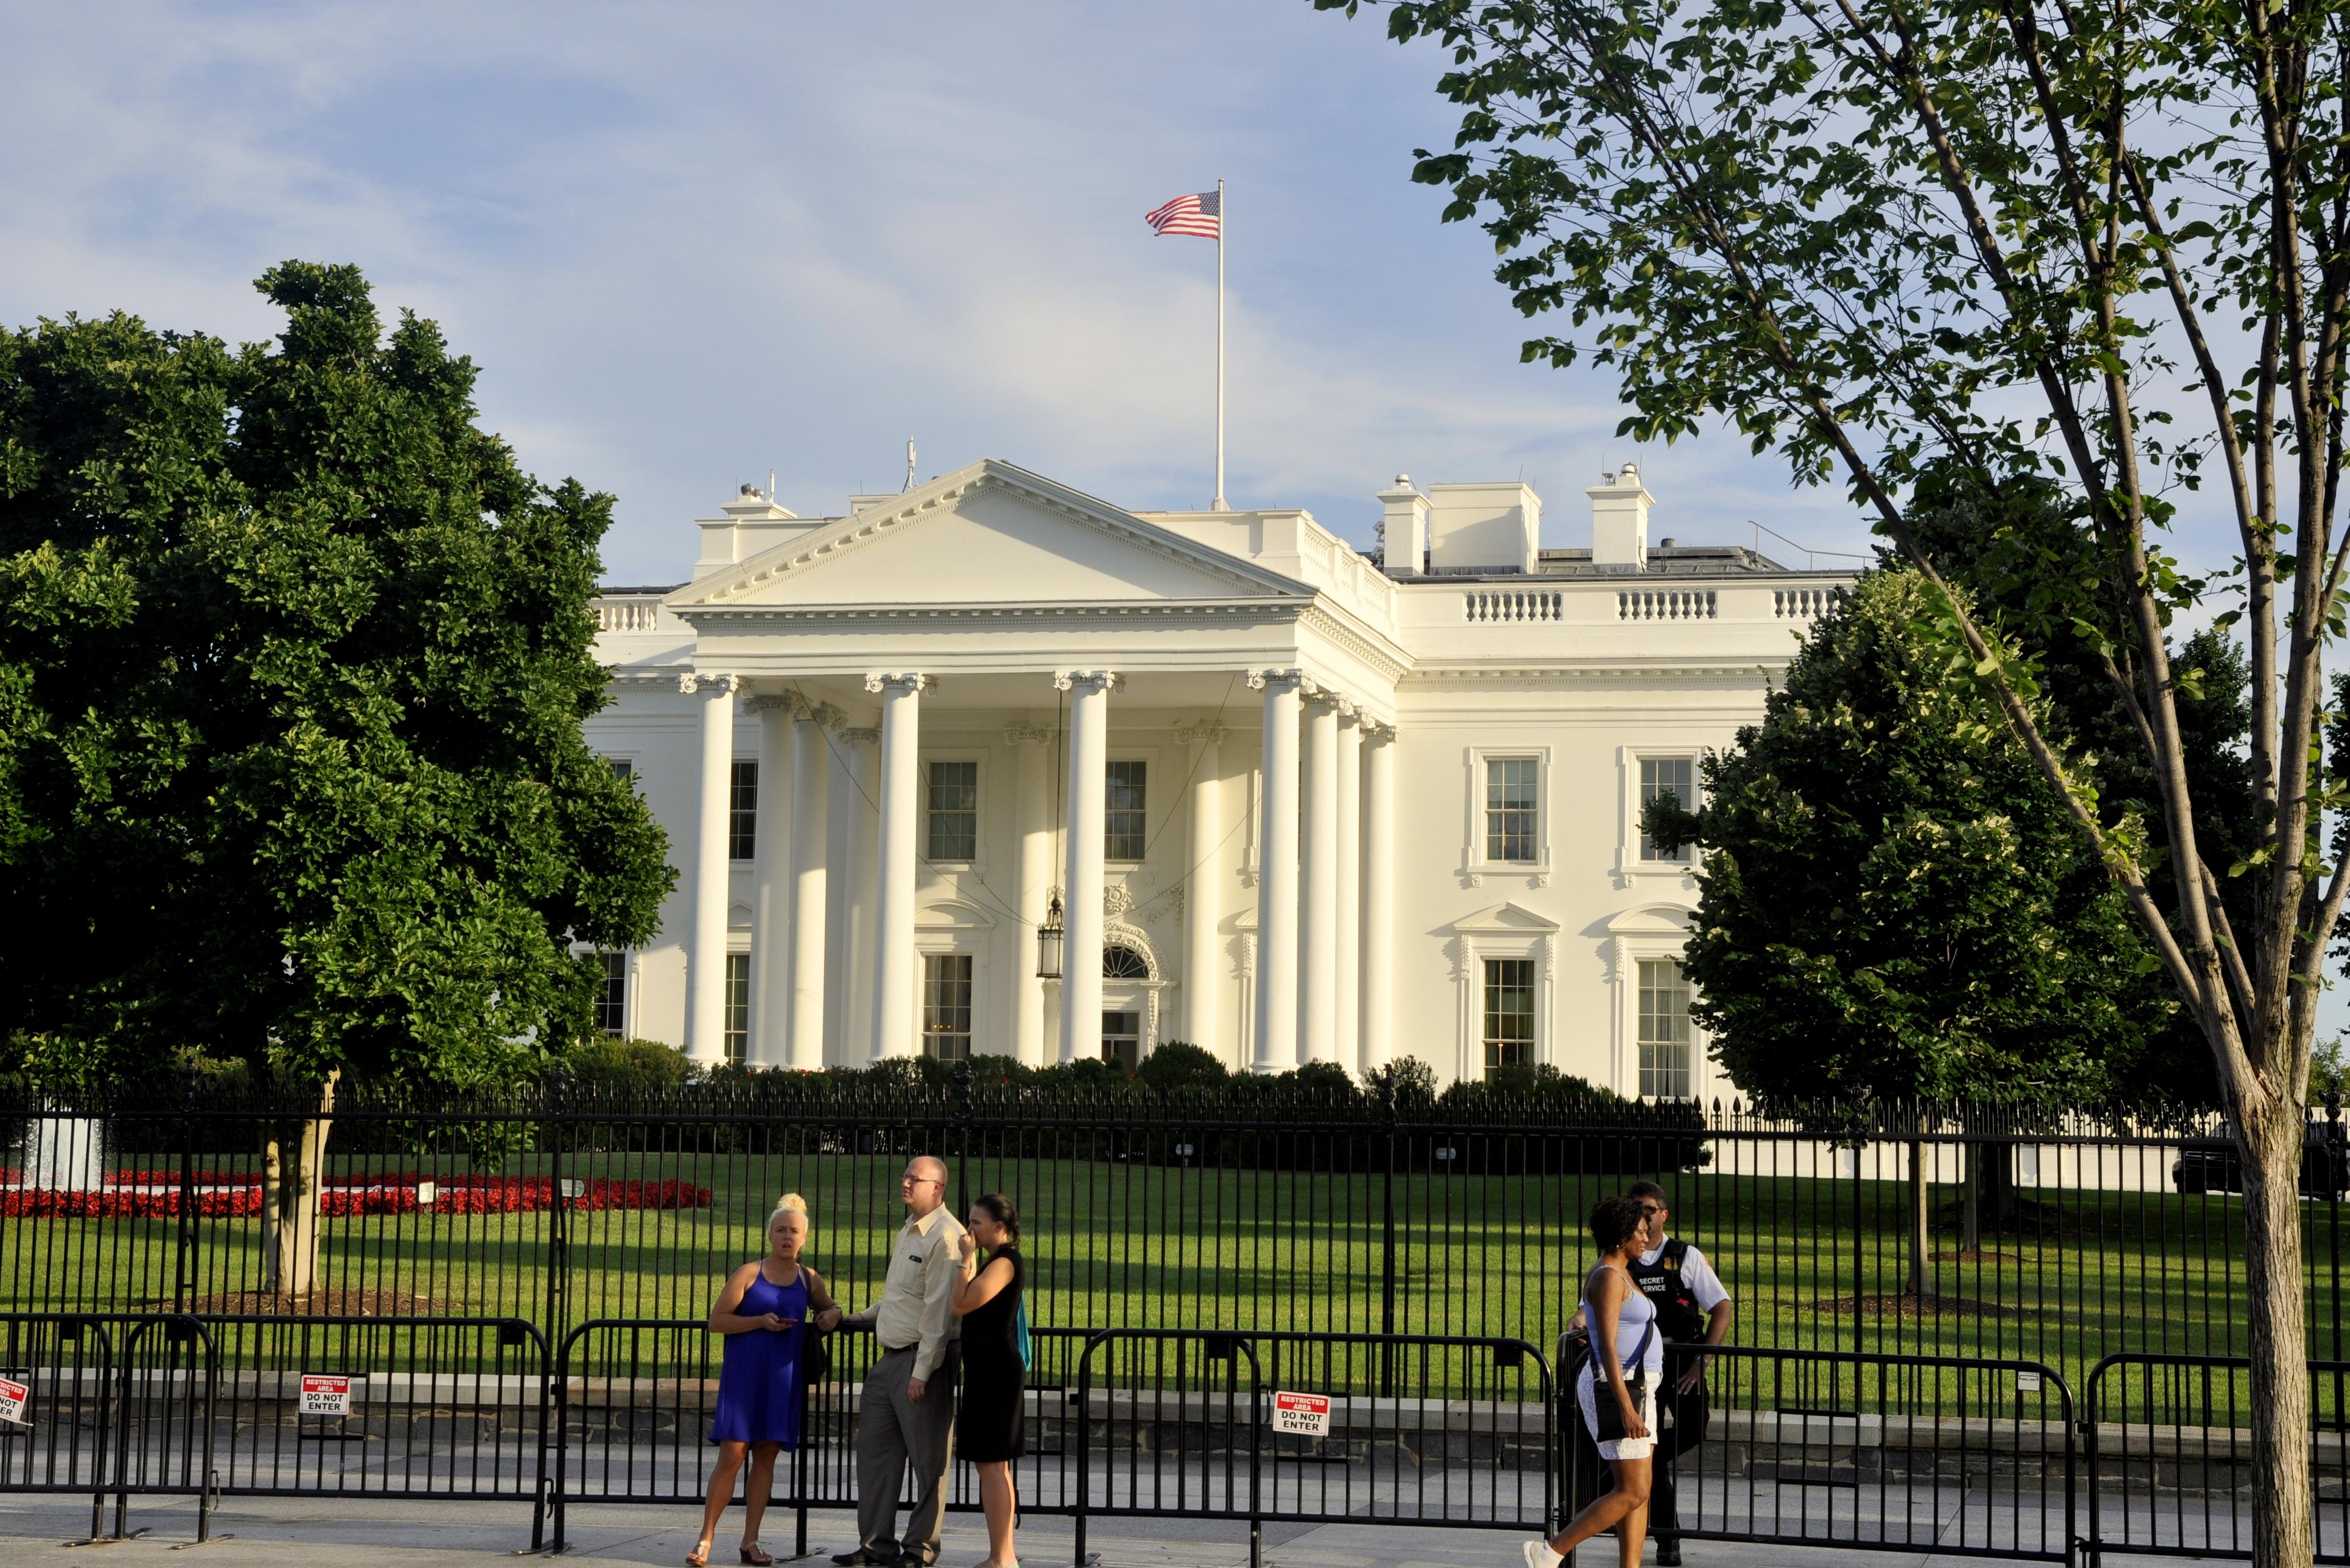 白宫门外广场竖起铁网